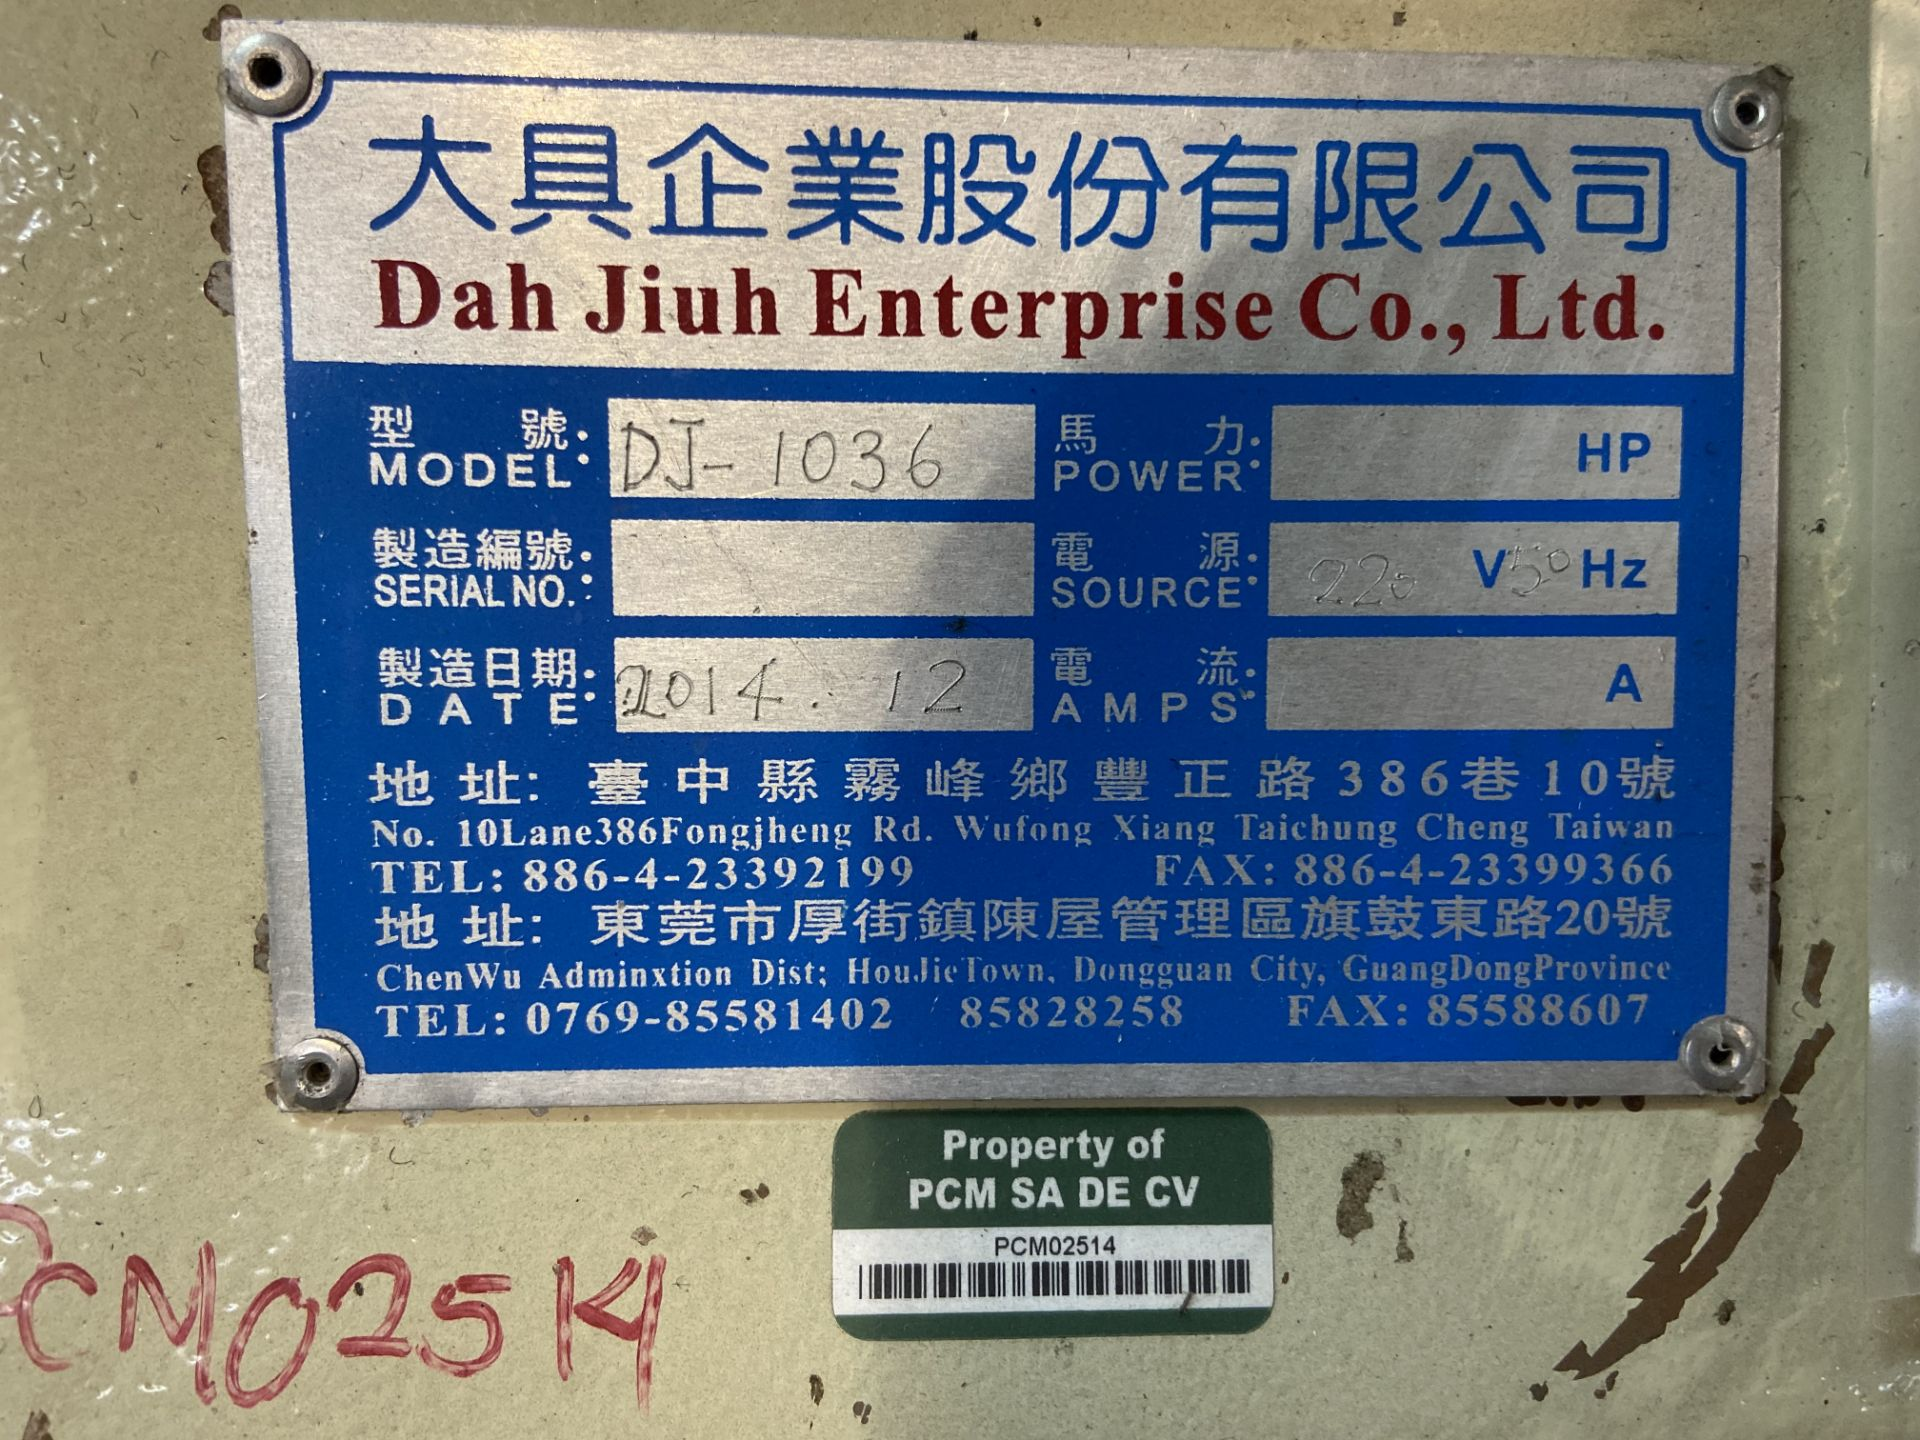 Lot 26 - Prensa de grommet marca Dah Jiuh Enterprise